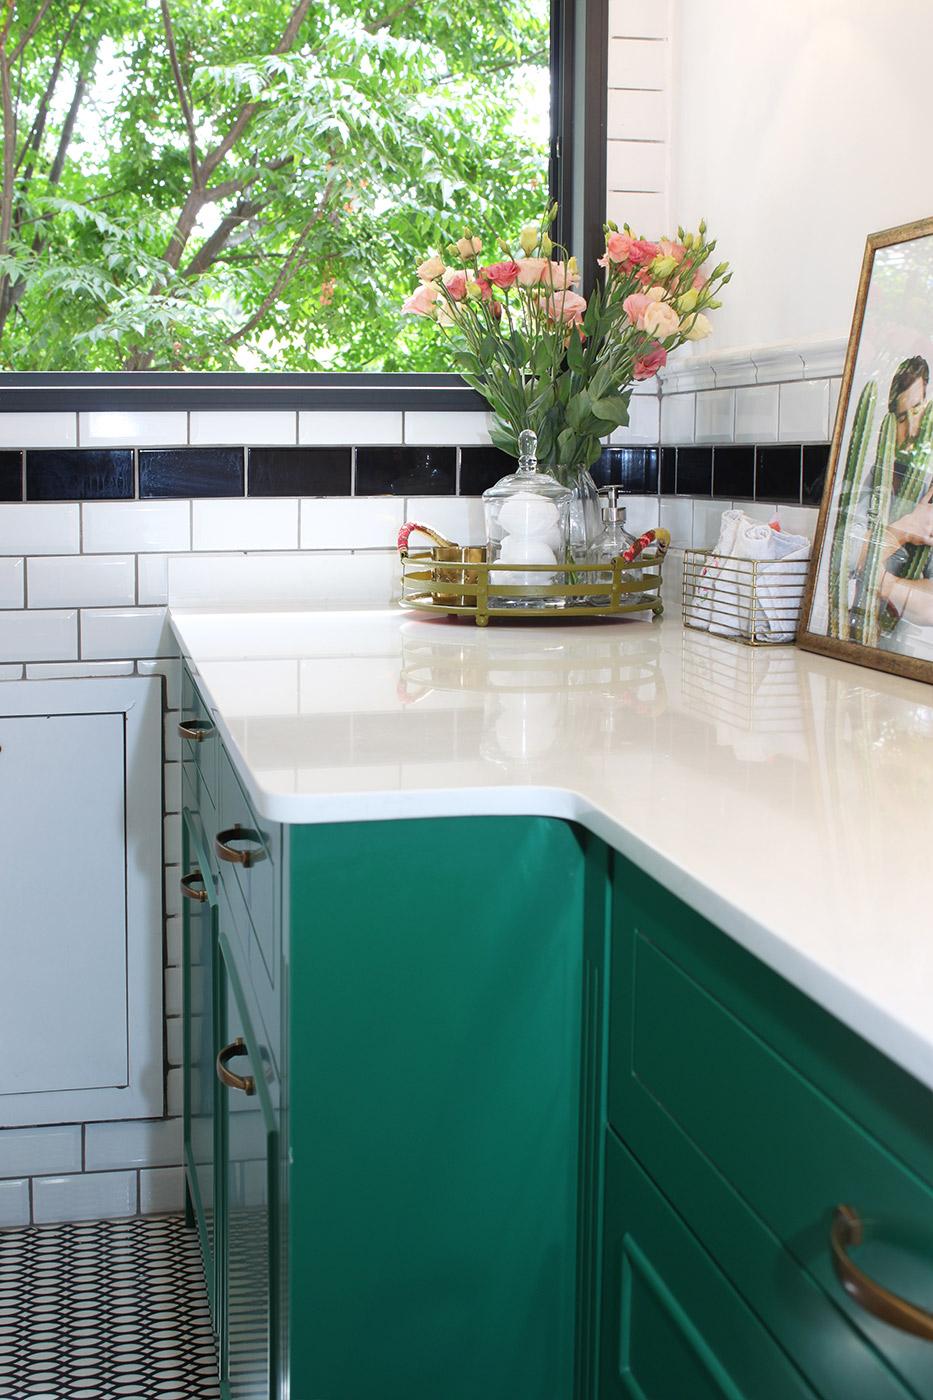 מעפילים, חדר רחצה ירוק רונית כפיר. צילום: חגית גרוסמן